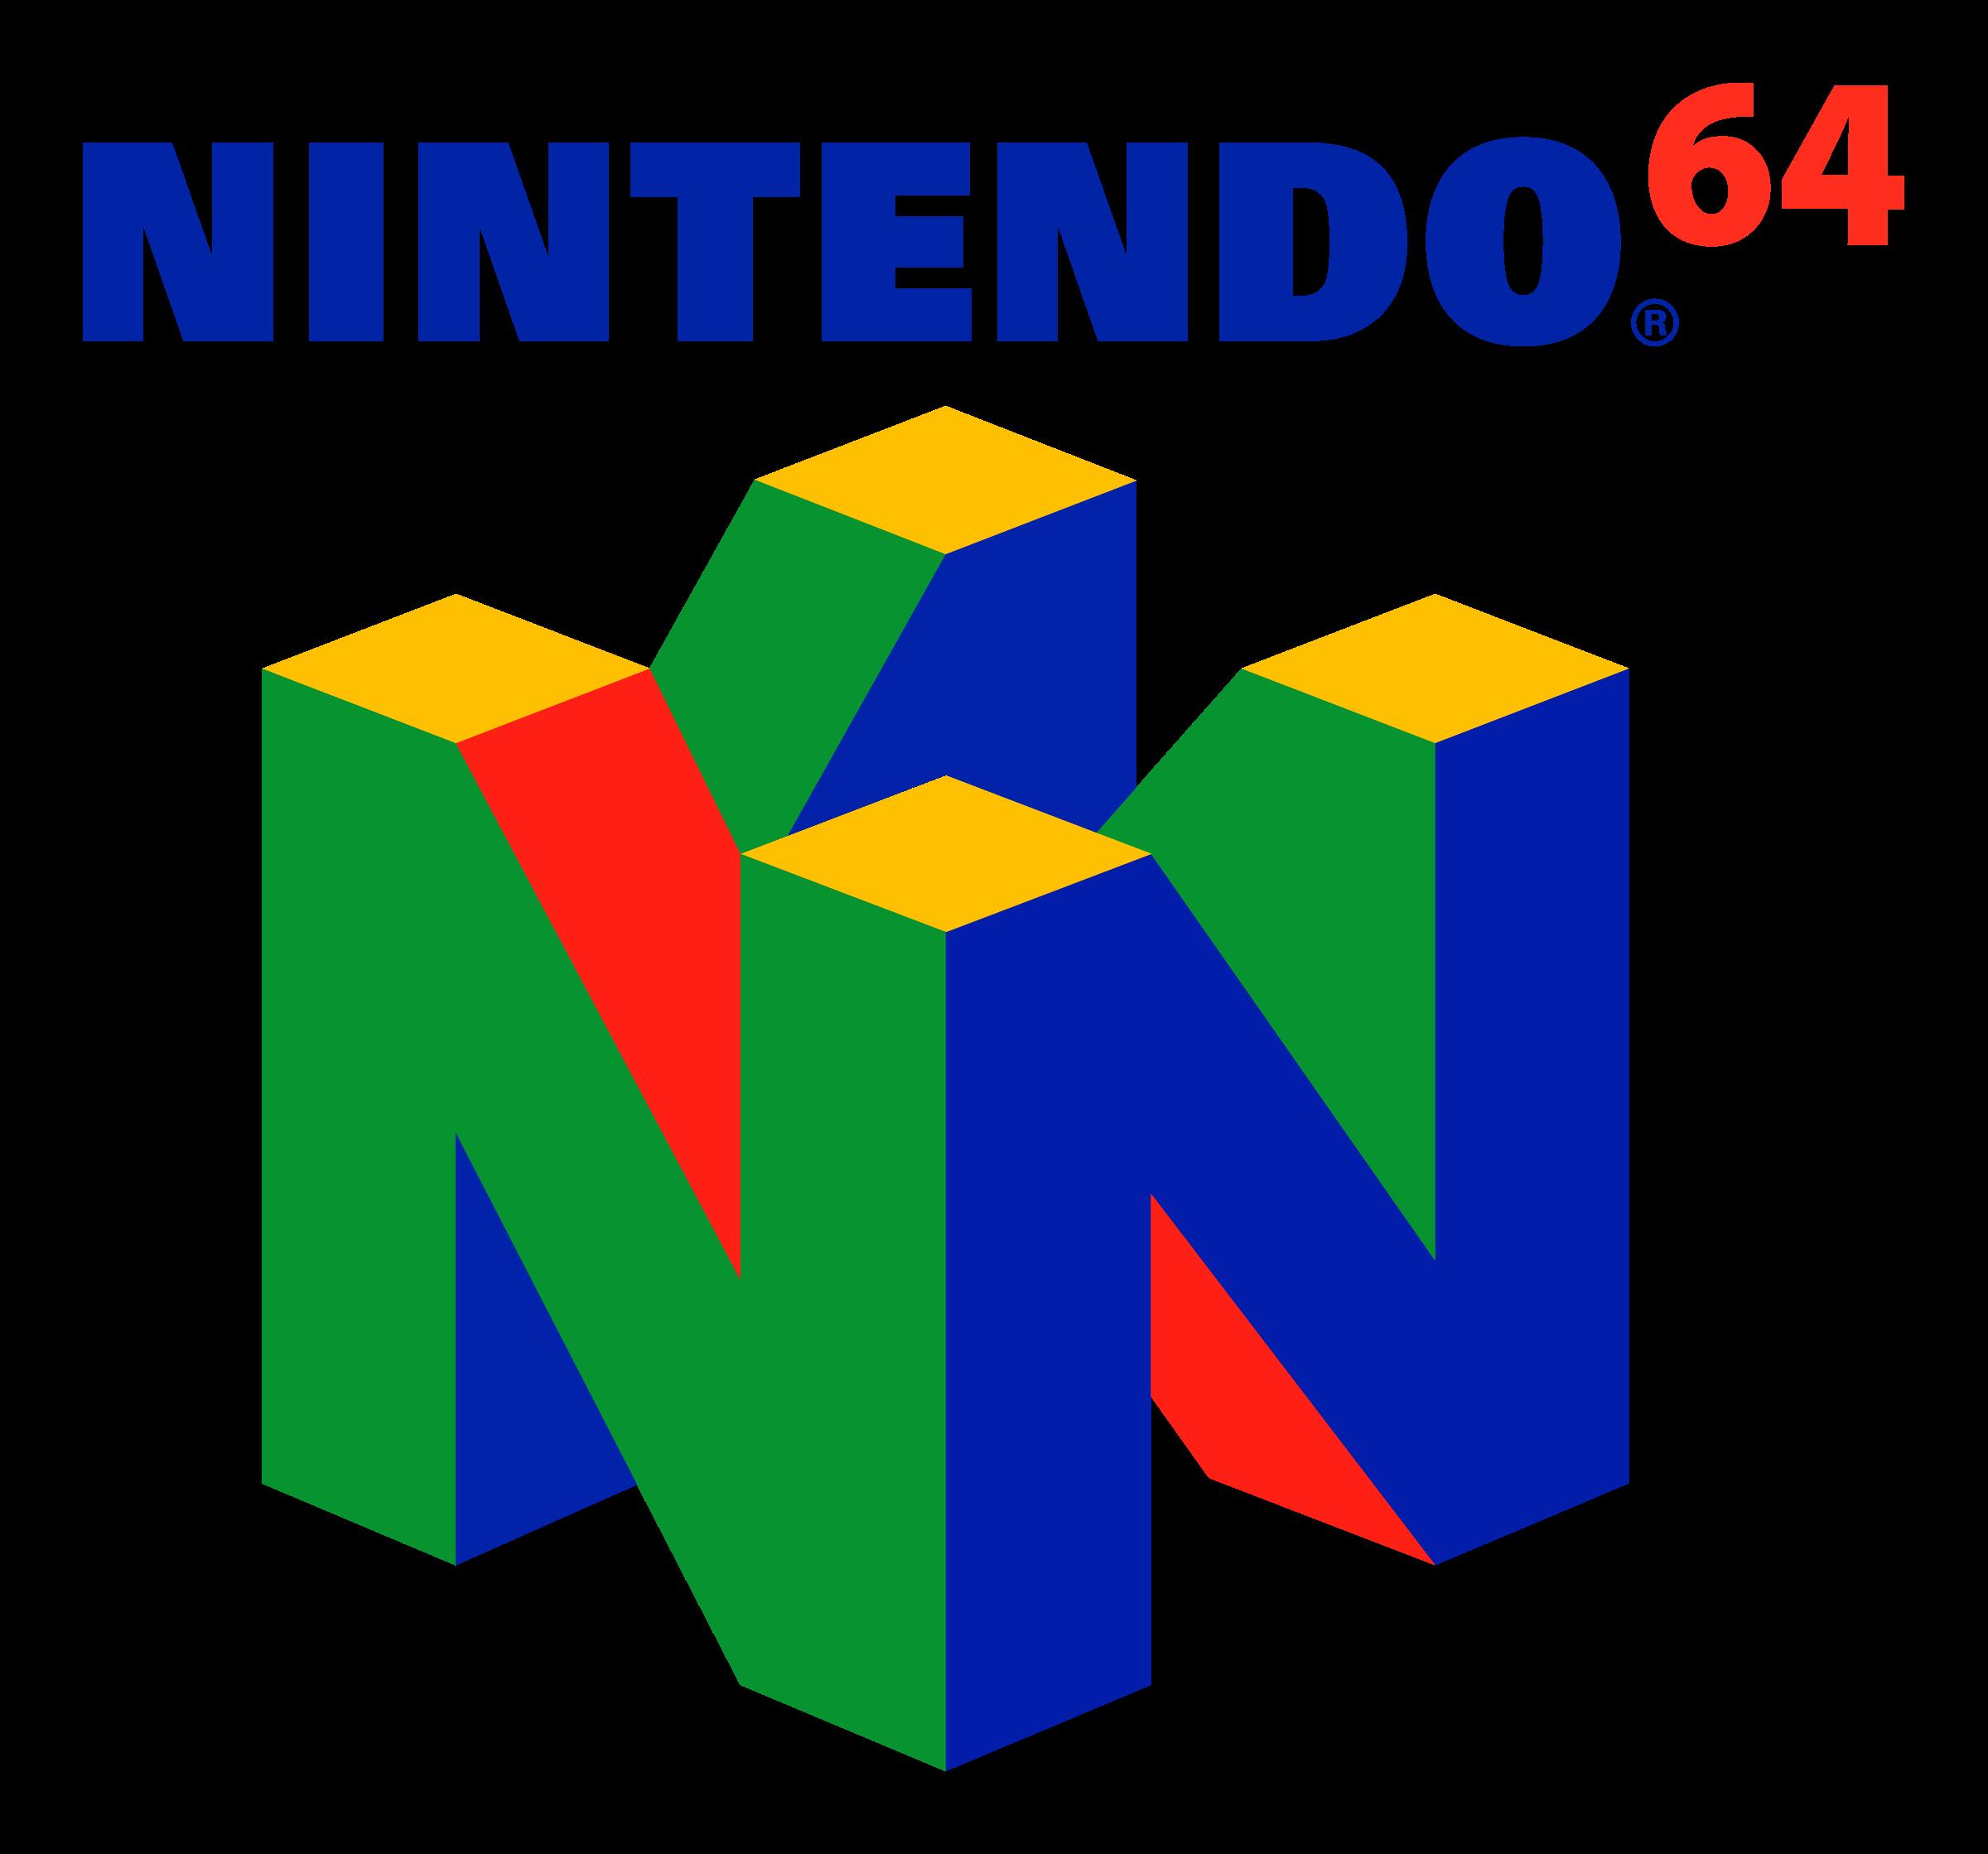 N64 Logo PNG Transparent & SVG Vector - Freebie Supply